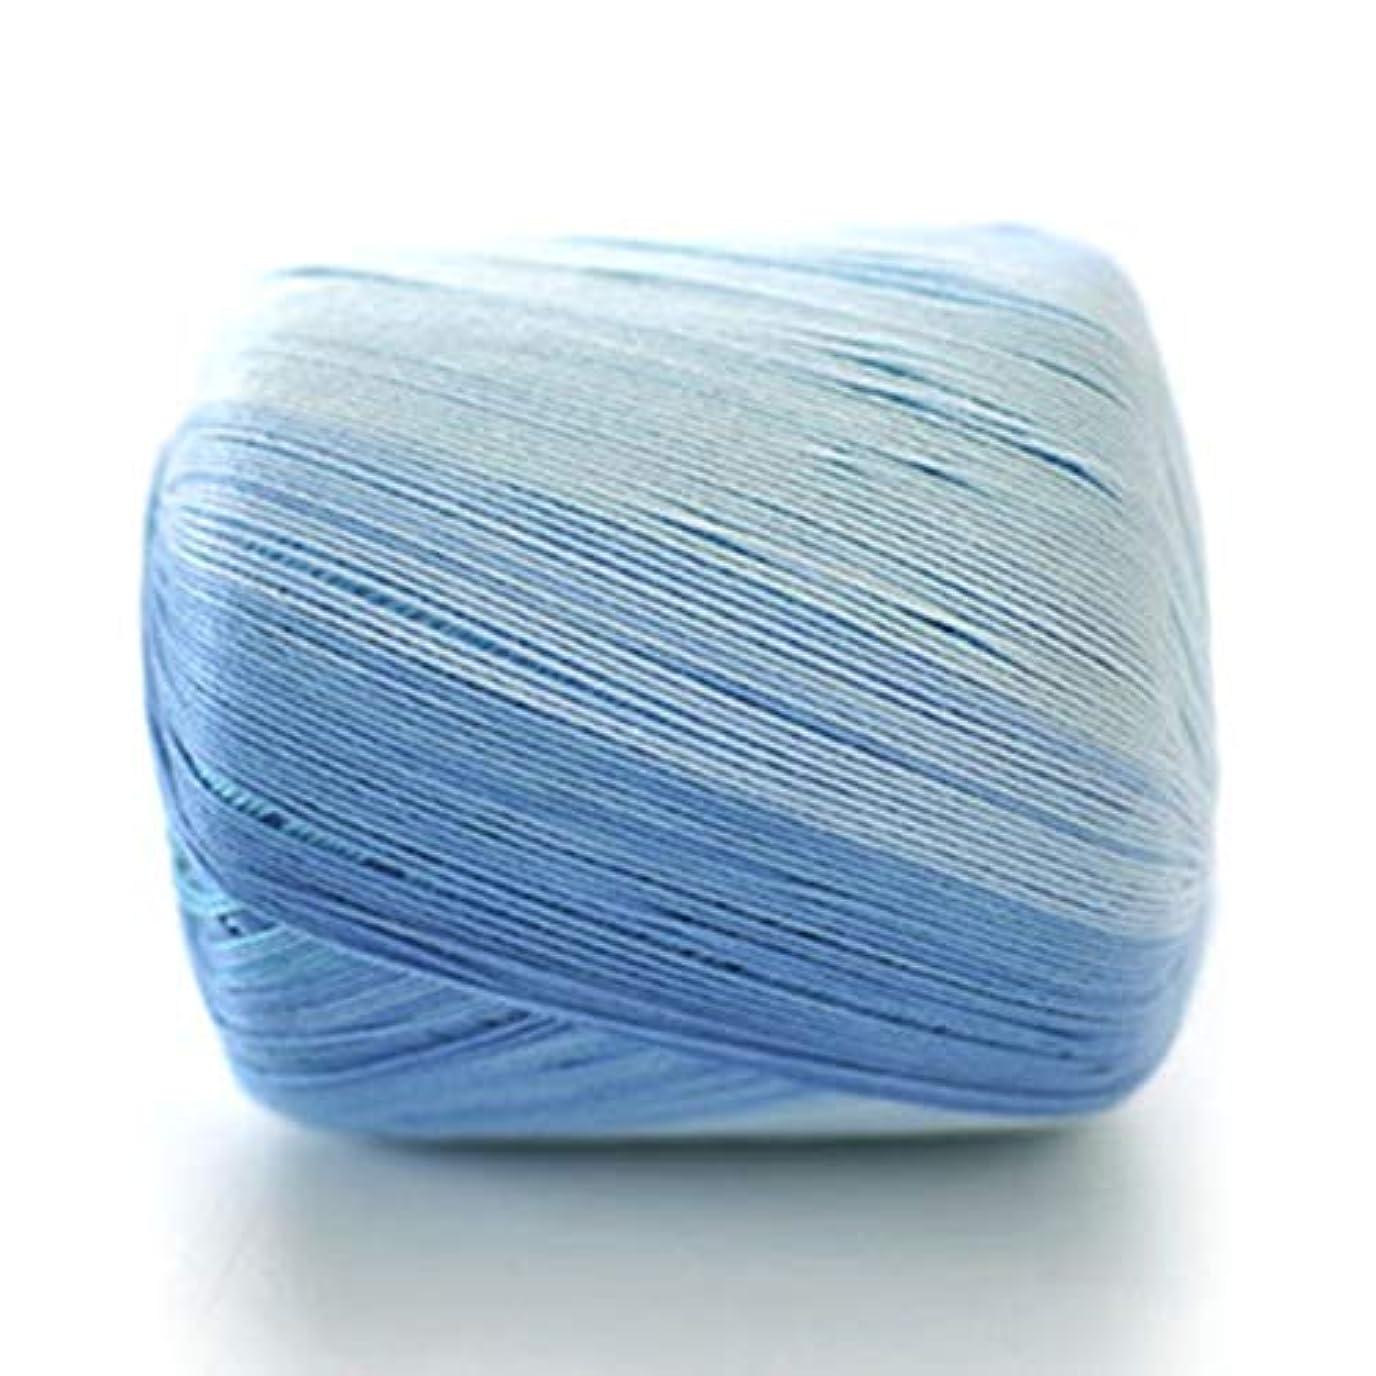 癒す私たち告発Saikogoods 手作りかぎ針編みのフック糸 色付け レース糸 5号ピュアコットン ファインニットウール ソフト滑らかな 縫製ライン 青